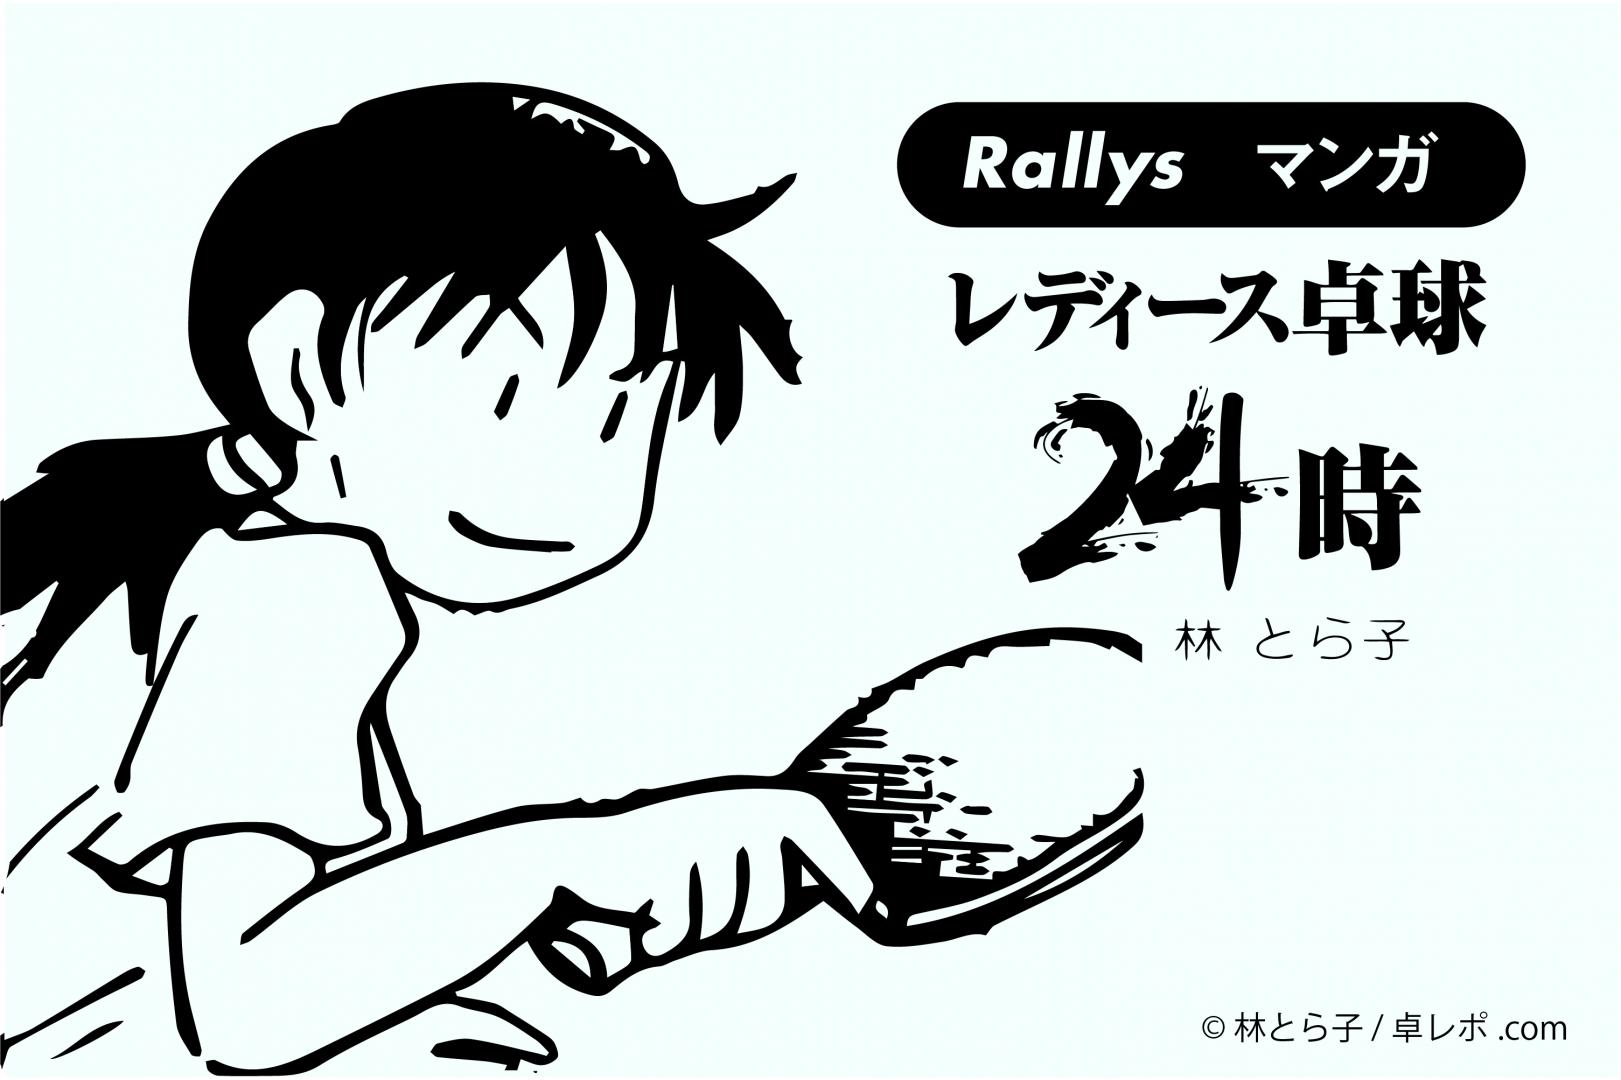 貢献【卓球4コマ漫画・レディース卓球24時】